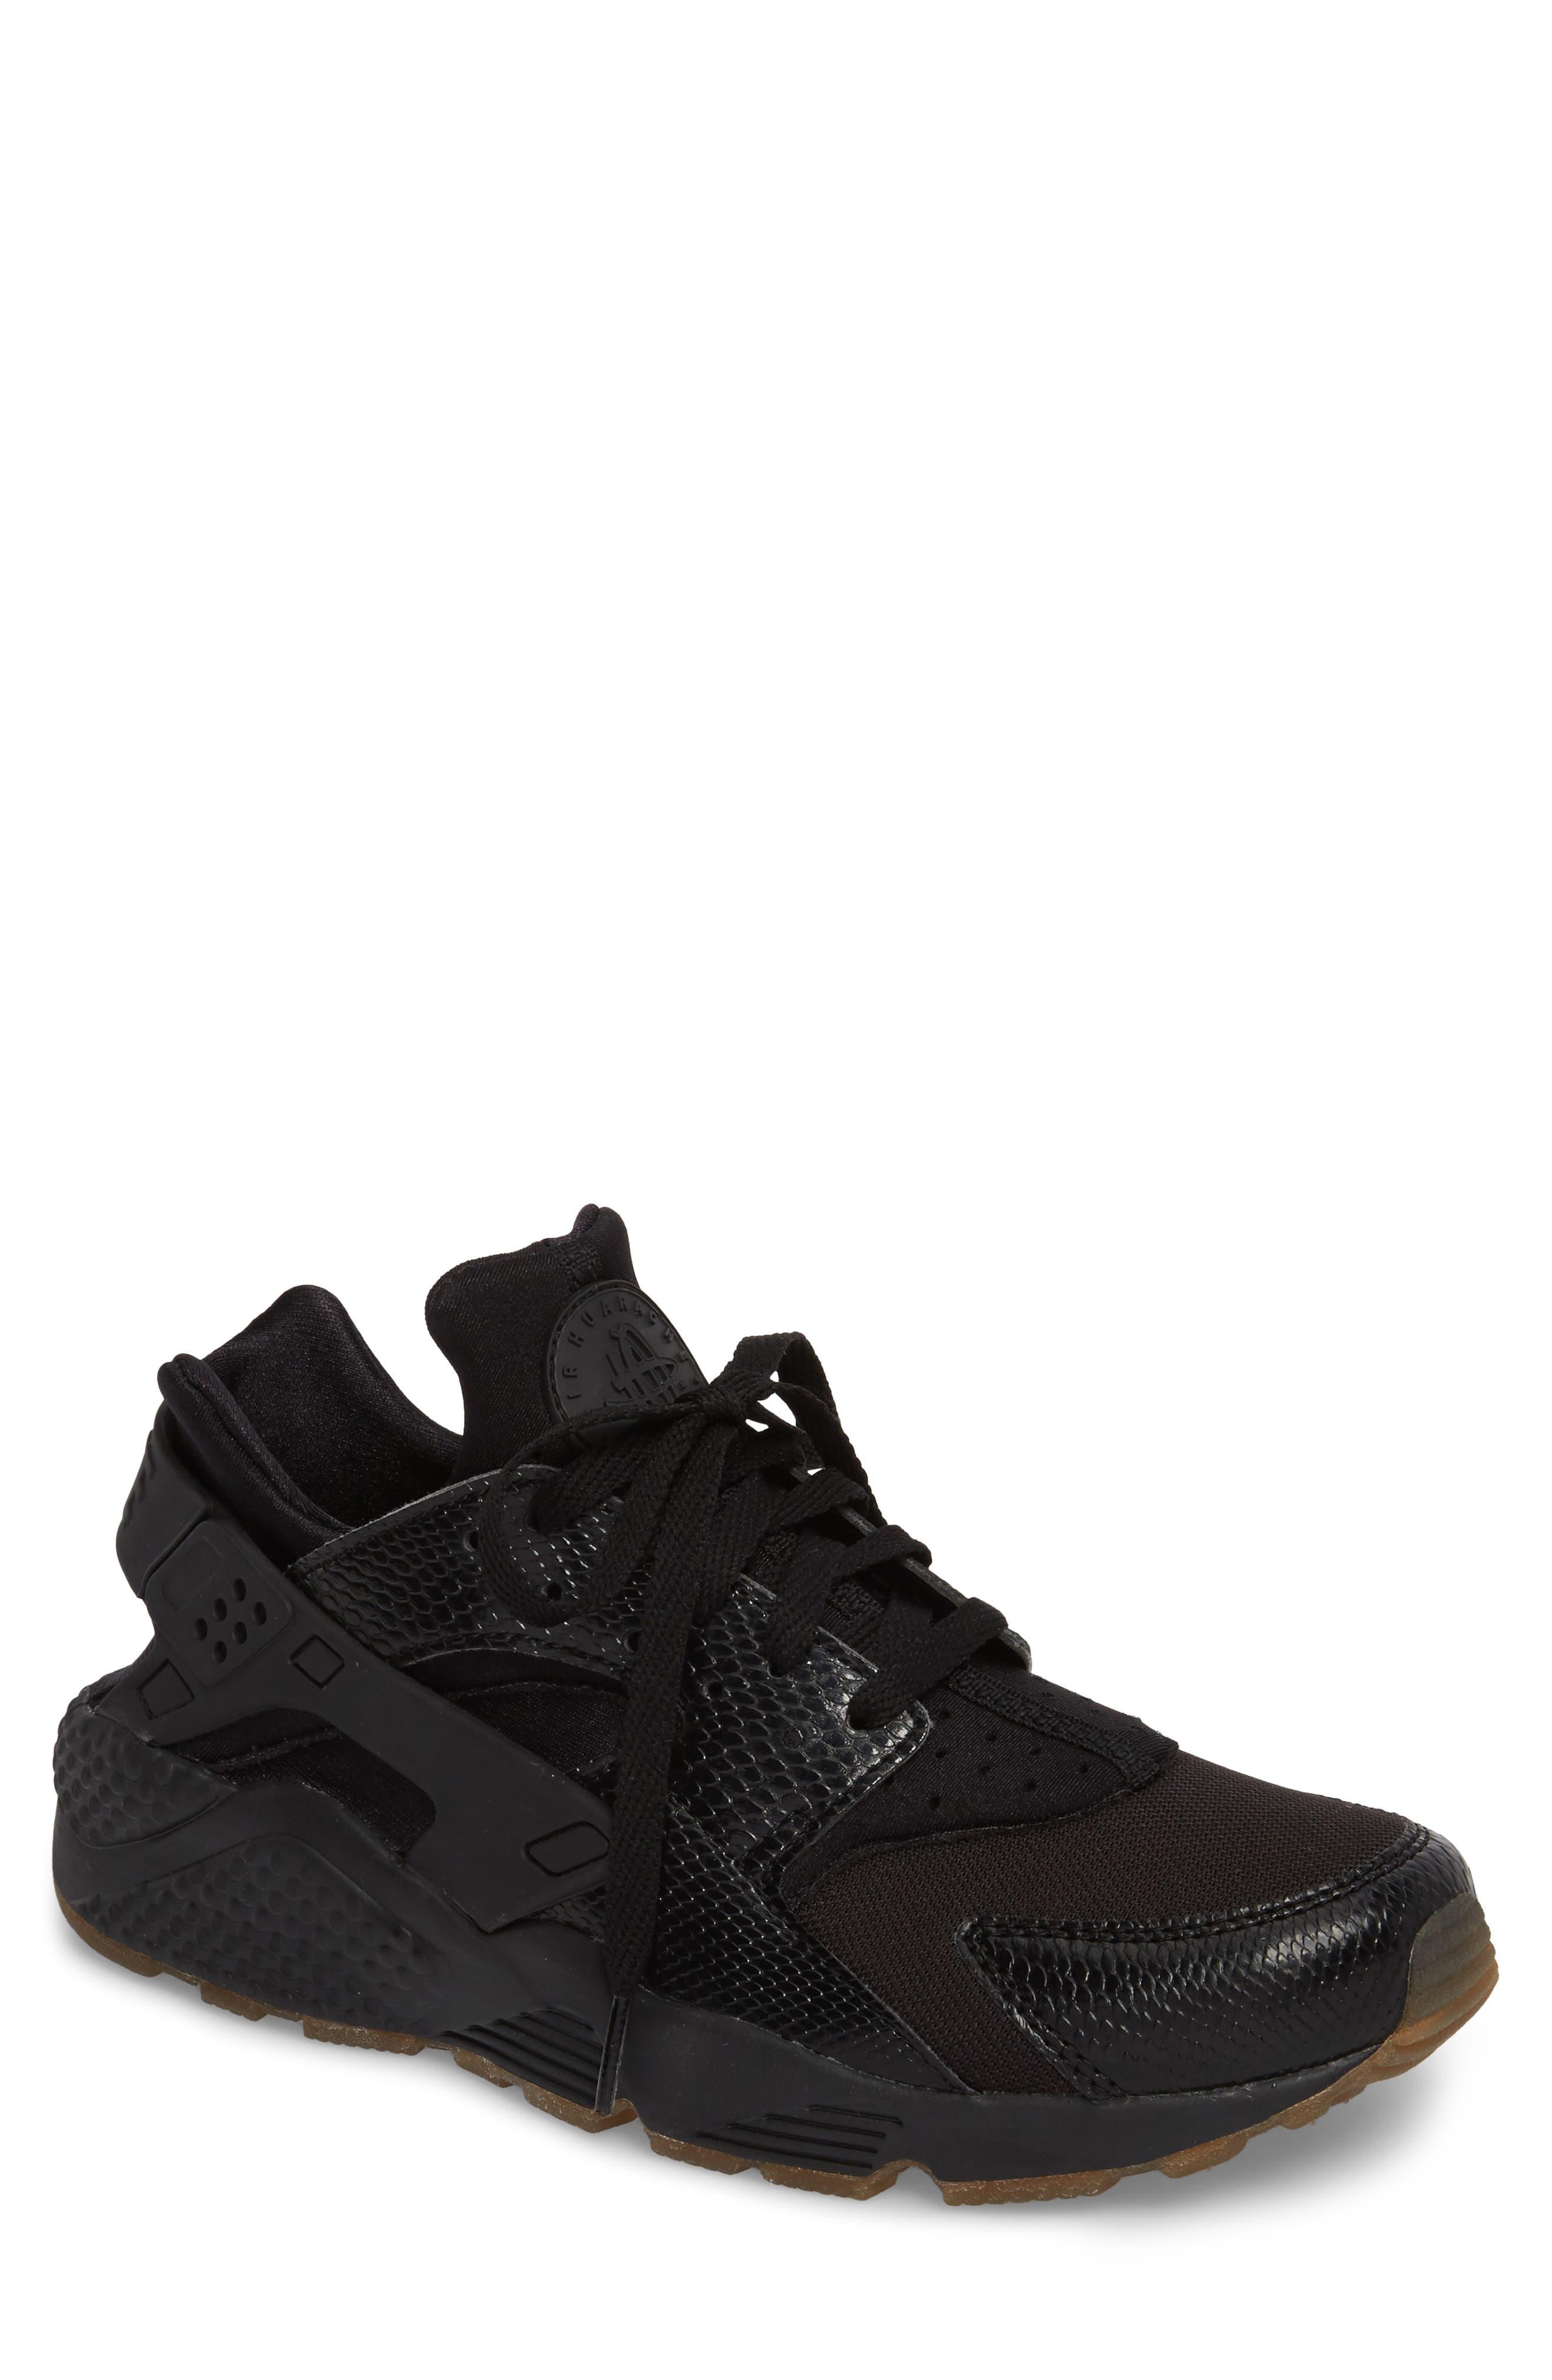 'Air Huarache' Sneaker,                             Main thumbnail 1, color,                             Black/ Elemental Gold/ Brown